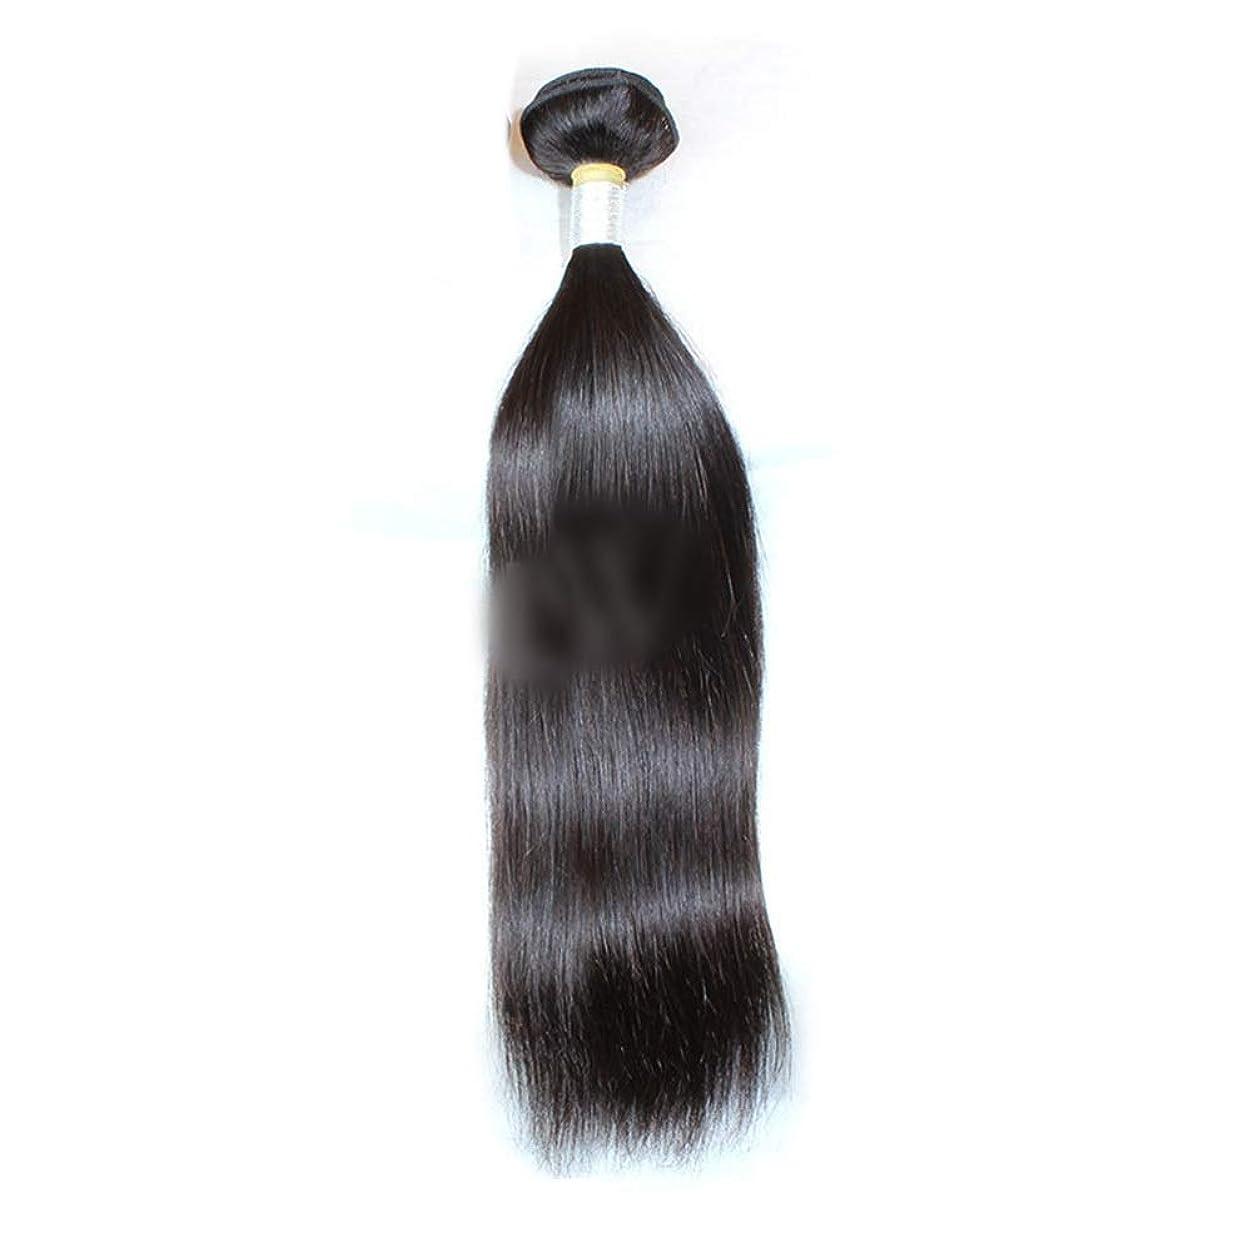 インフルエンザ活発しなければならないHOHYLLYA ストレートヘアバンドル1バンドルペルーバージンヘアナチュラルカラーストレート人間の髪の毛ロールプレイングかつら女性の自然なかつら (色 : 黒, サイズ : 16 inch)